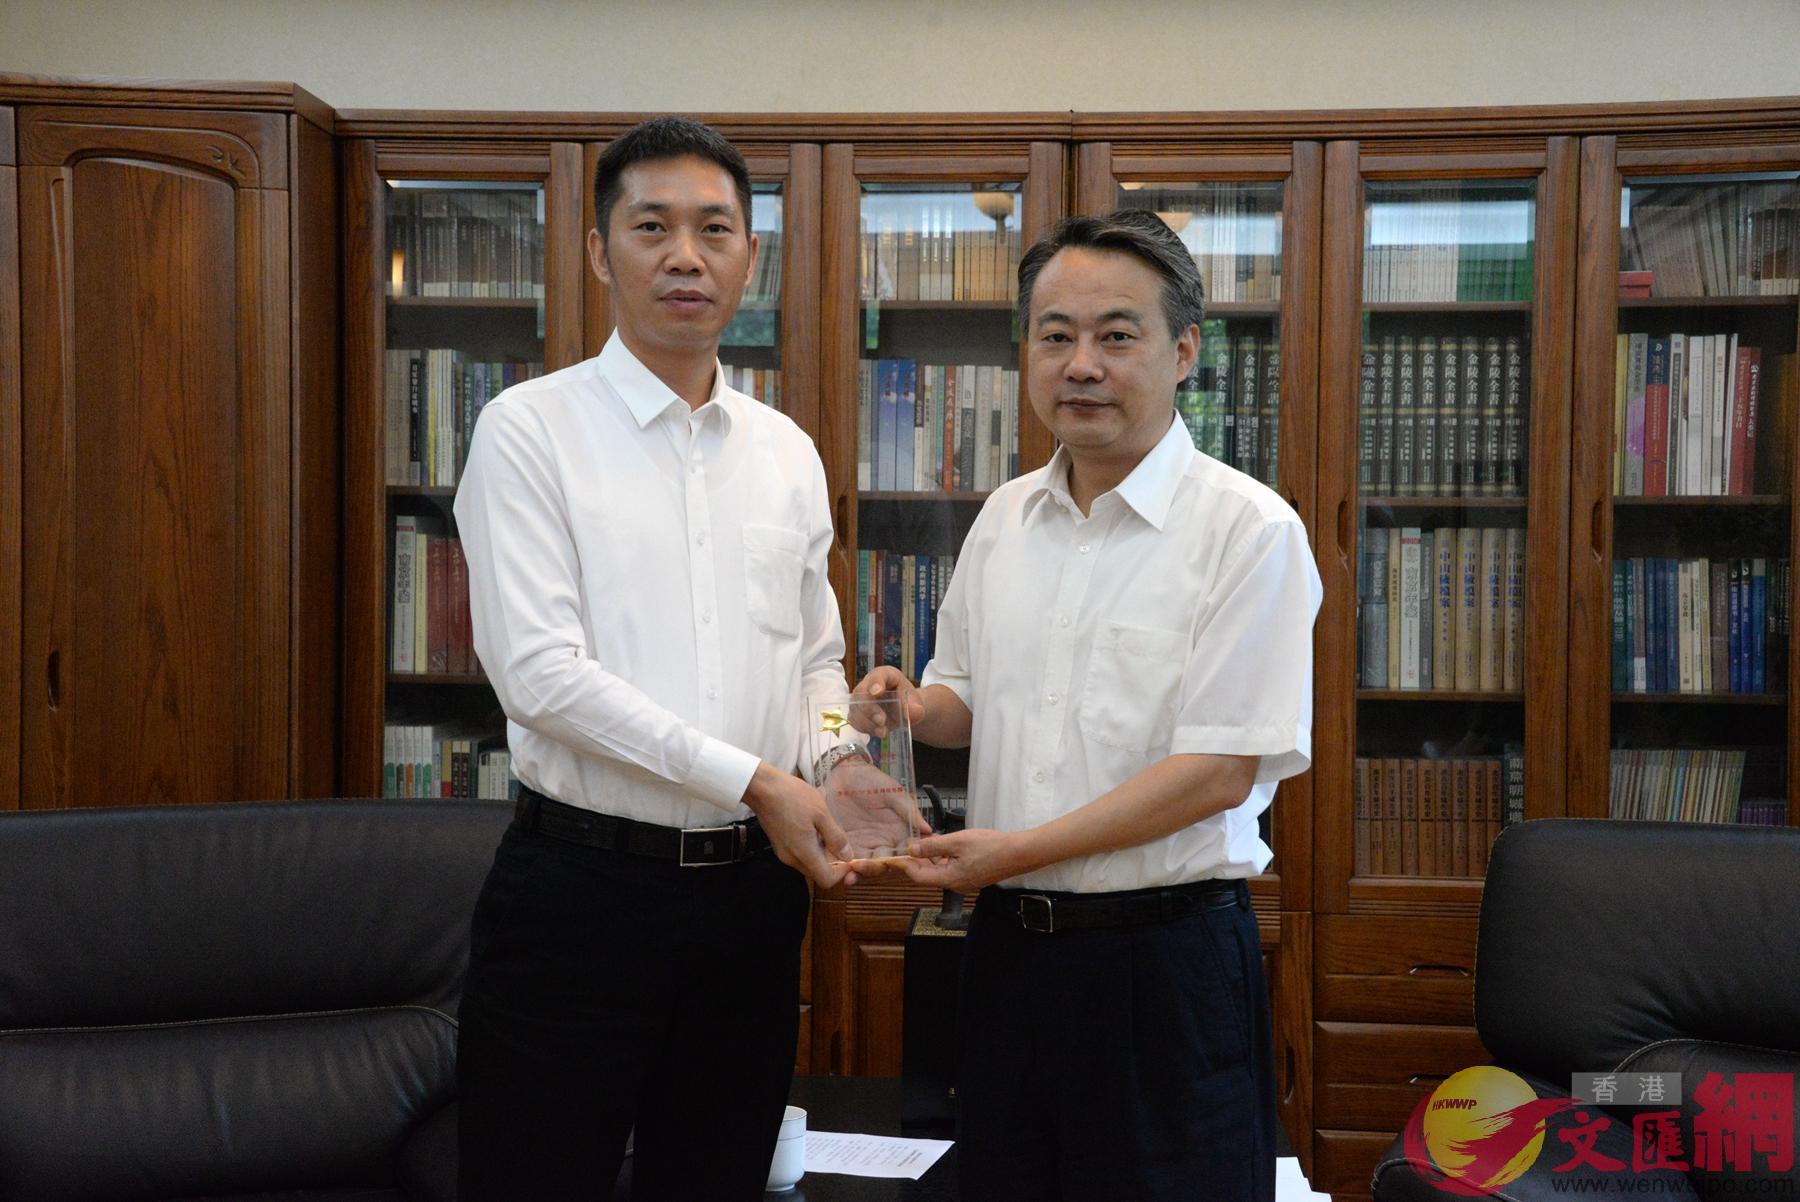 「未來之星」同學會副主席、香港大公文匯傳媒集團華東新聞中心主任楊明奇(左)向陳勇贈送紀念品。(記者賀鵬飛 攝)